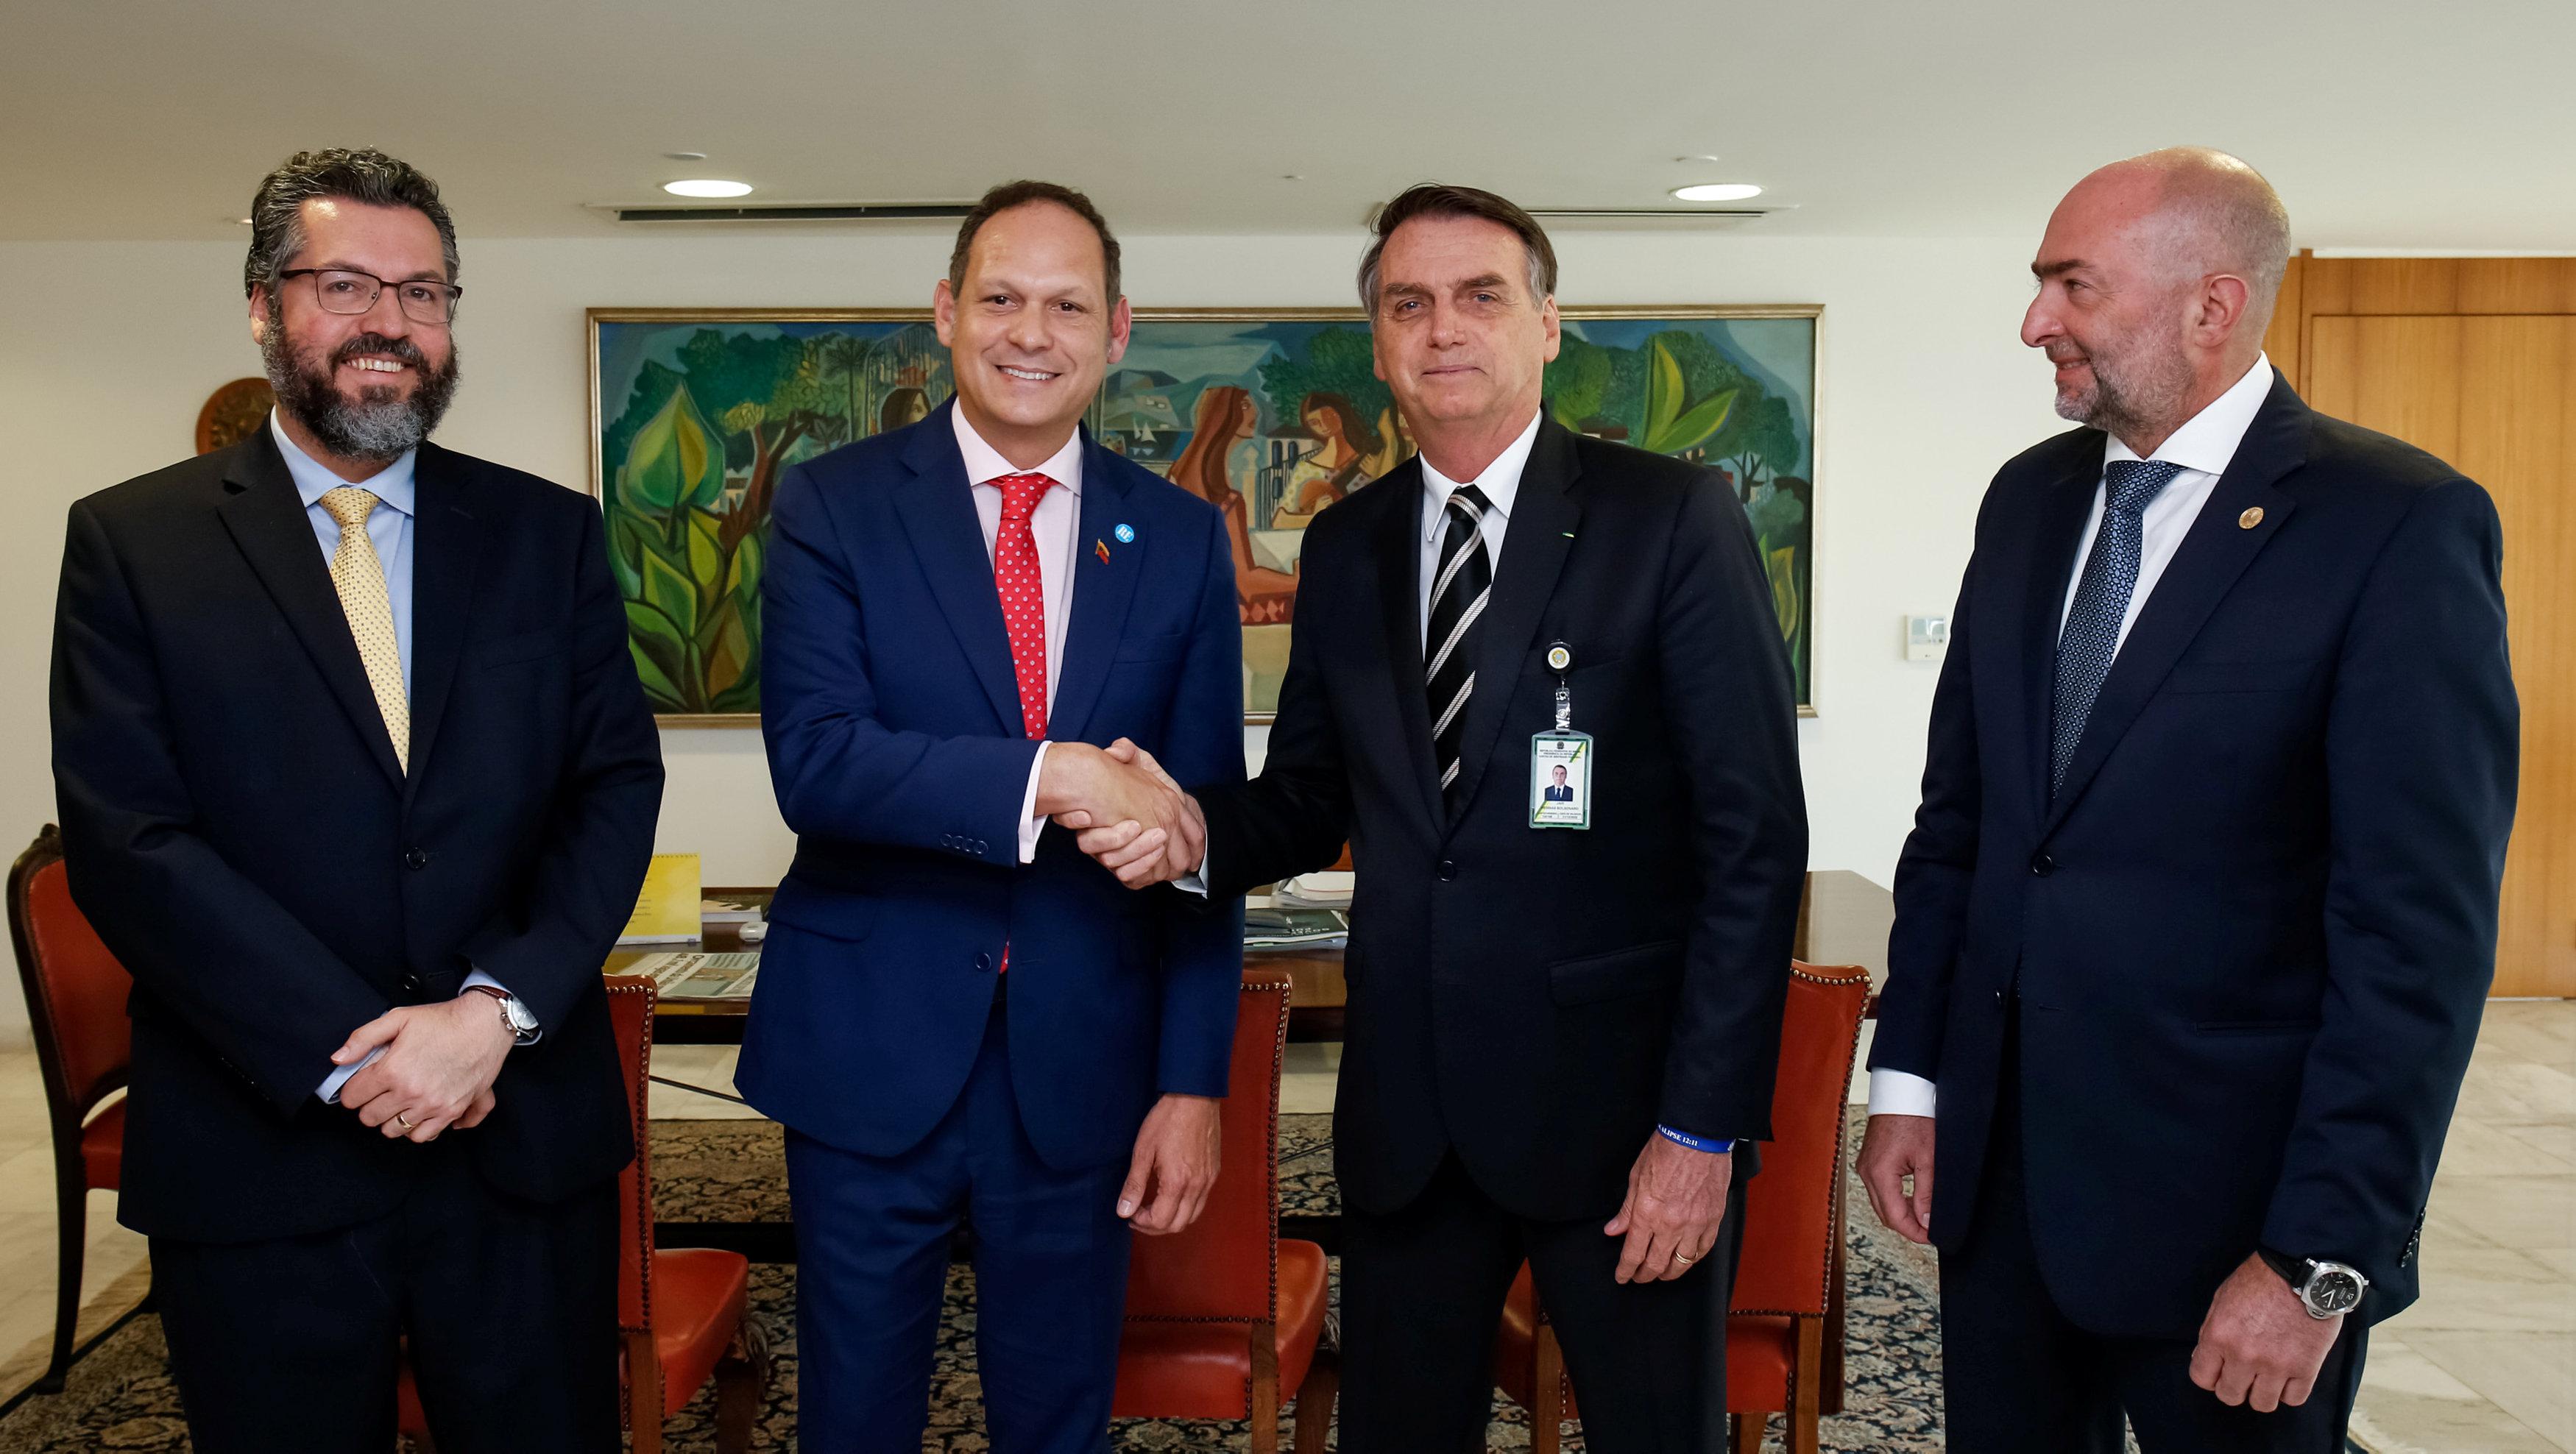 Jair Bolsonaro estrecha la mano del presidente del Tribunal Supremo venezolano en el exilio Miguel Angel Martin, junto al canciller Ernesto Araujo (izquierda) y al representante de la OEA Gustavo Cinosi durante su encuentro en Brasilia (Alan Santos/Presidencia de Brasil via Reuters)